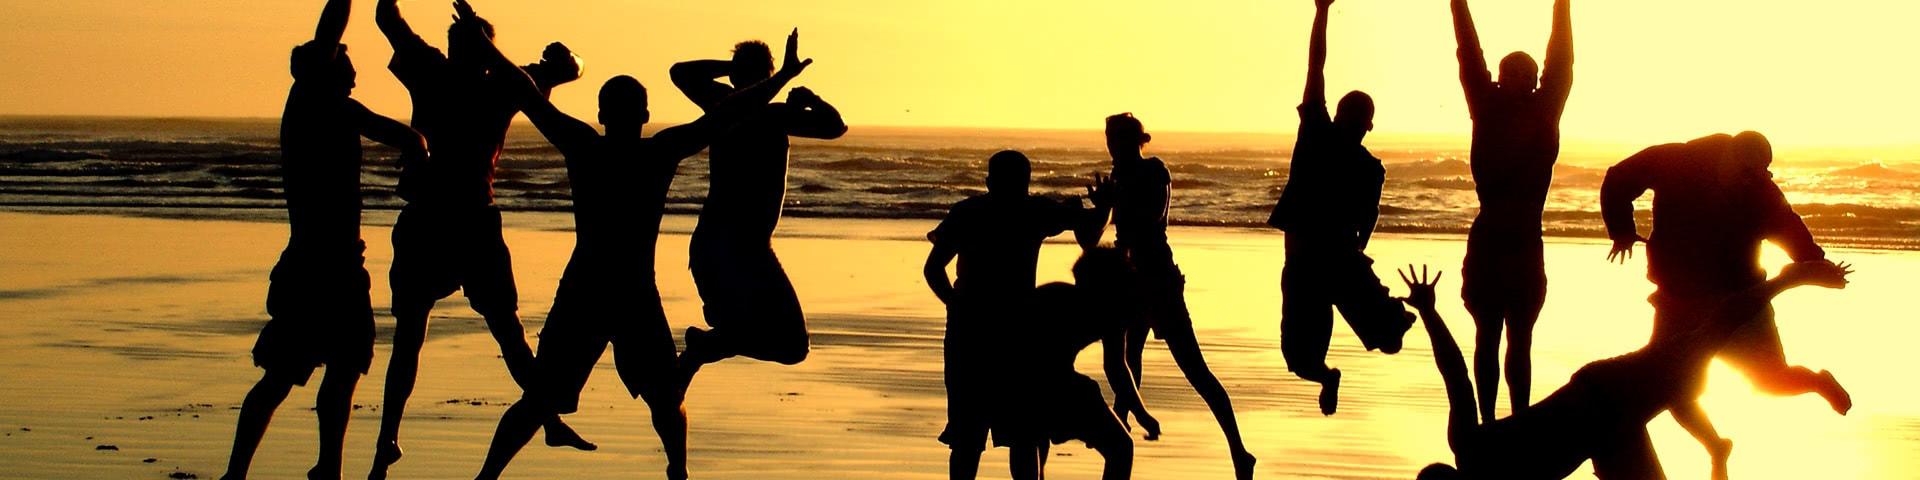 Gut gelaunte Gruppe am Strand bei Sonnenuntergang auf Mallorca